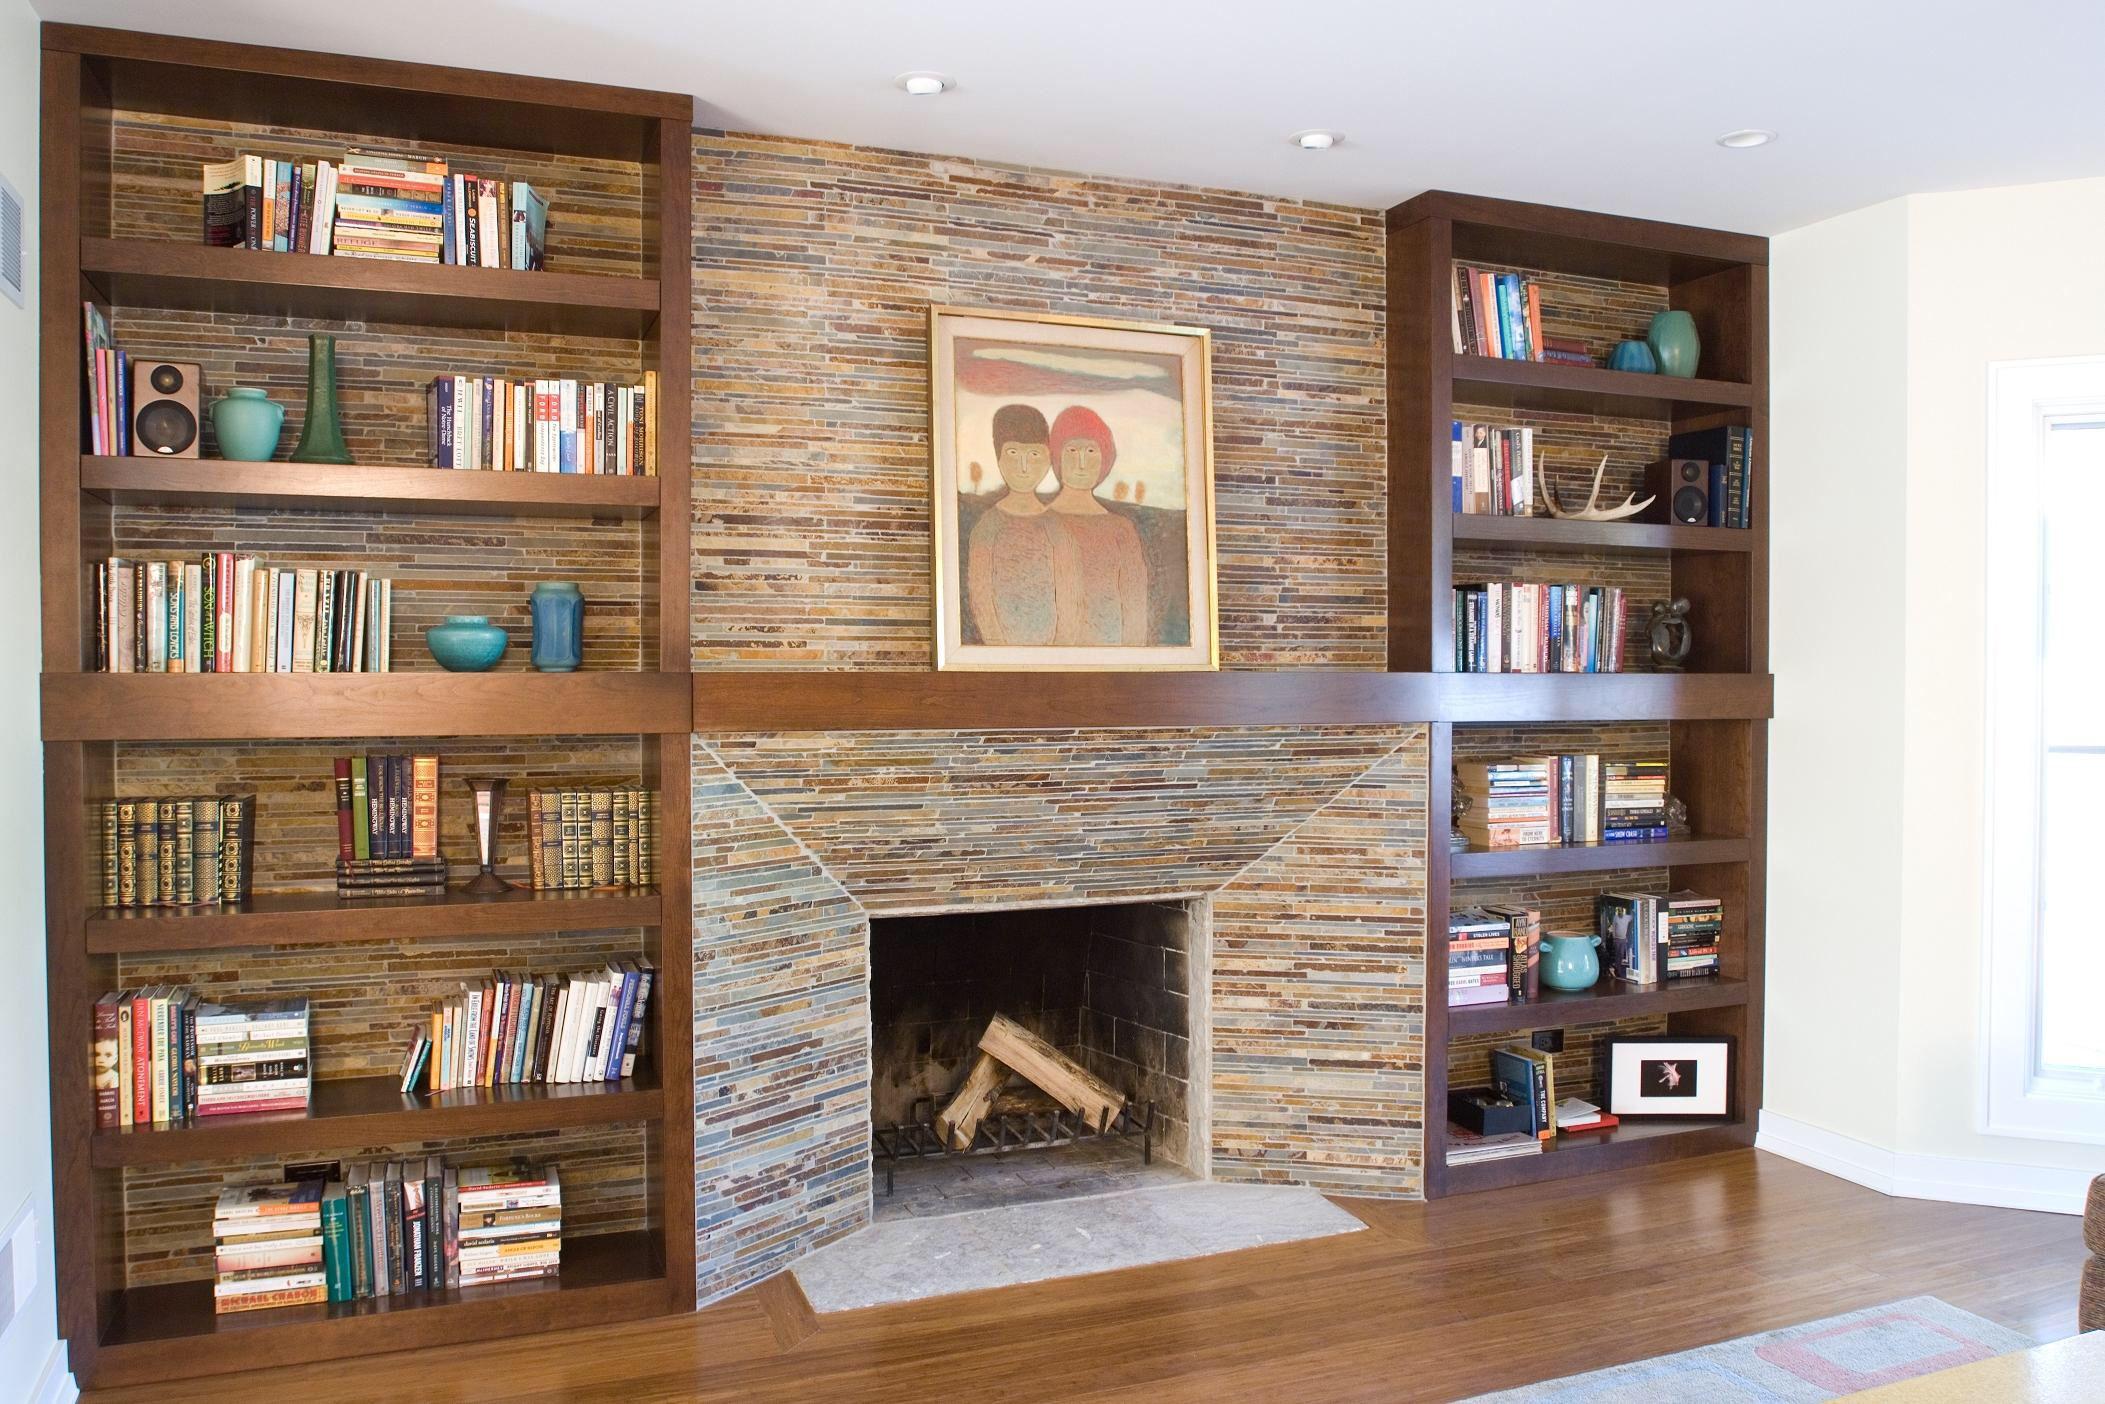 Geräumig Amerikanischer Kamin Dekoration Von Bücherregale, Kaminideen, Bücherschränke, Einfacher Kamin, Kaminbau, Kaminumrandung,